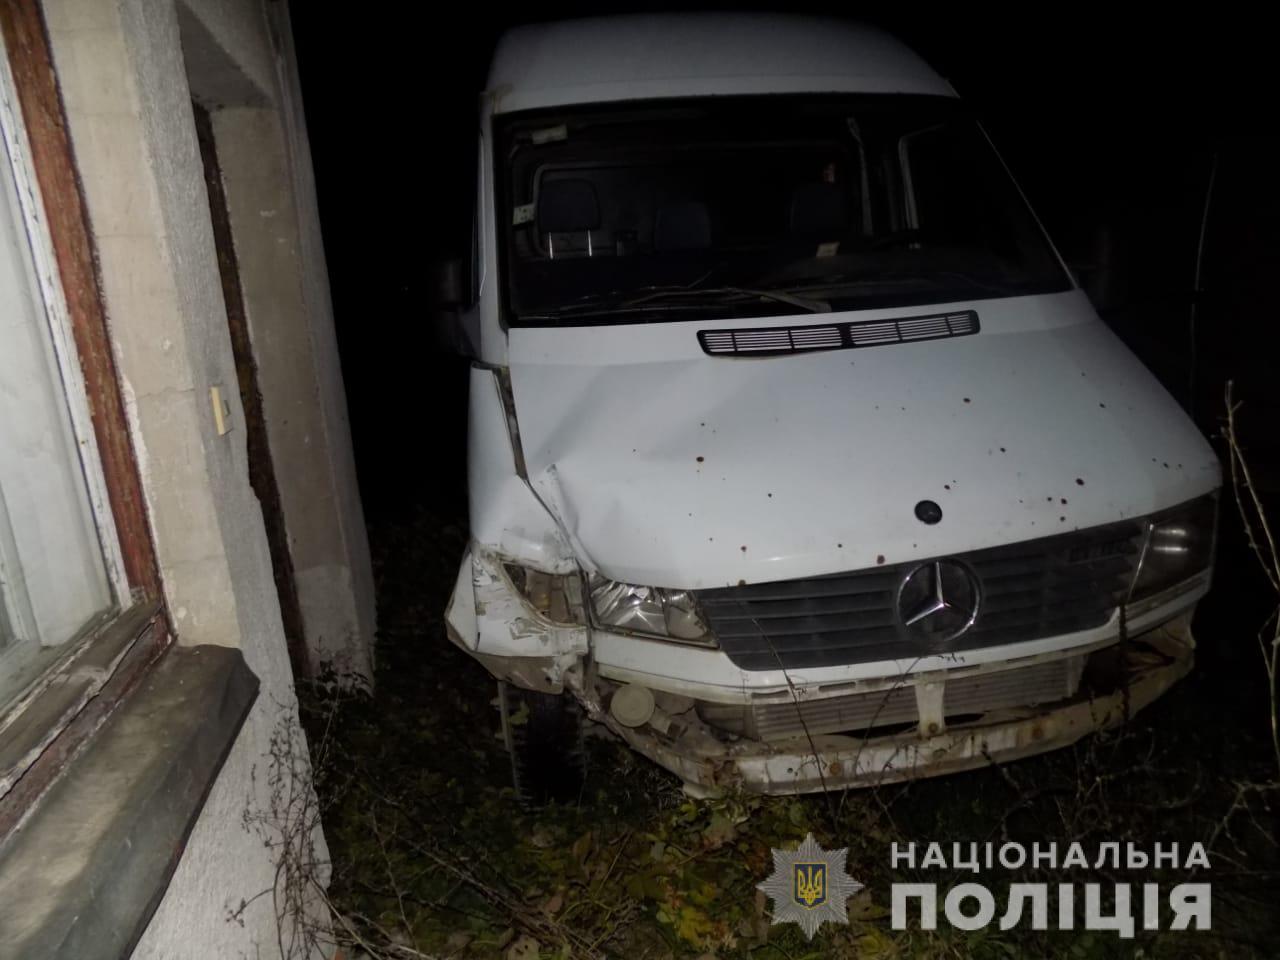 ДТП з викрадачем у Закарпатті: чоловік за ніч викрав дві машини, і на одній з них потрапив в аварію